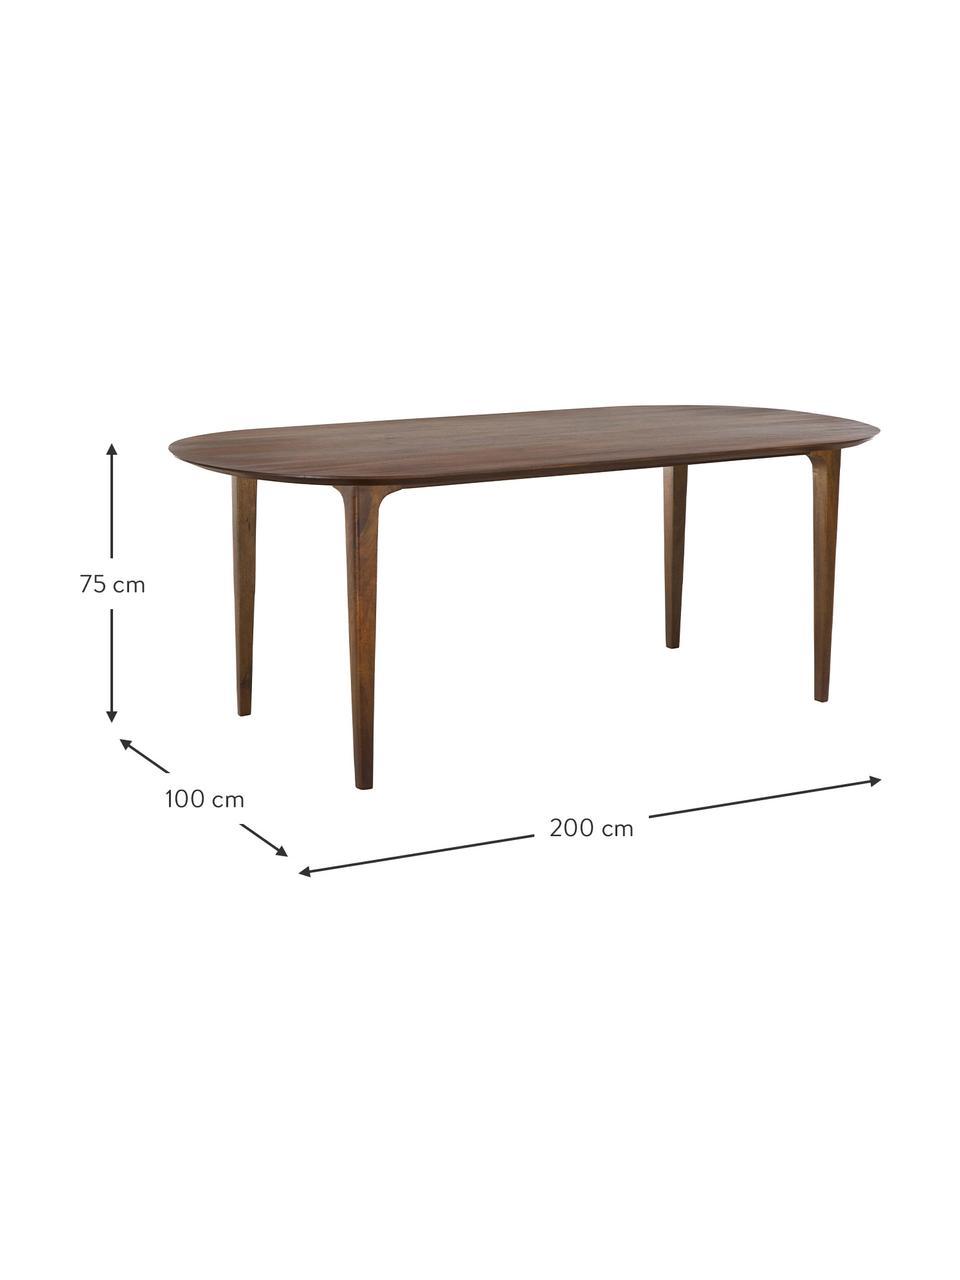 Tavolo ovale in legno massello Archie, Legno massello di mango verniciato, Legno di mango, scuro verniciato, Larg. 200 x Prof. 100 cm